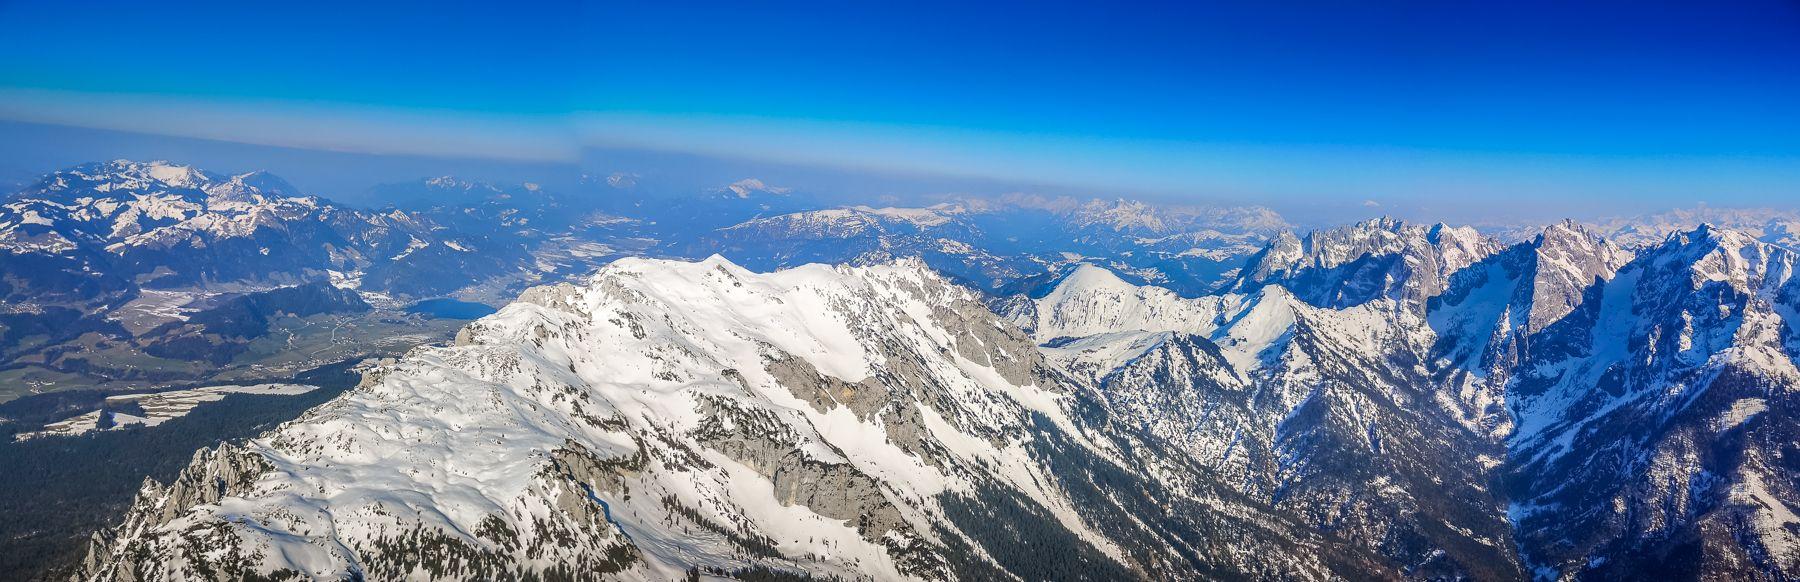 Das Kaiser Gebirge mit viel Schnee von eben aus Flugzeug